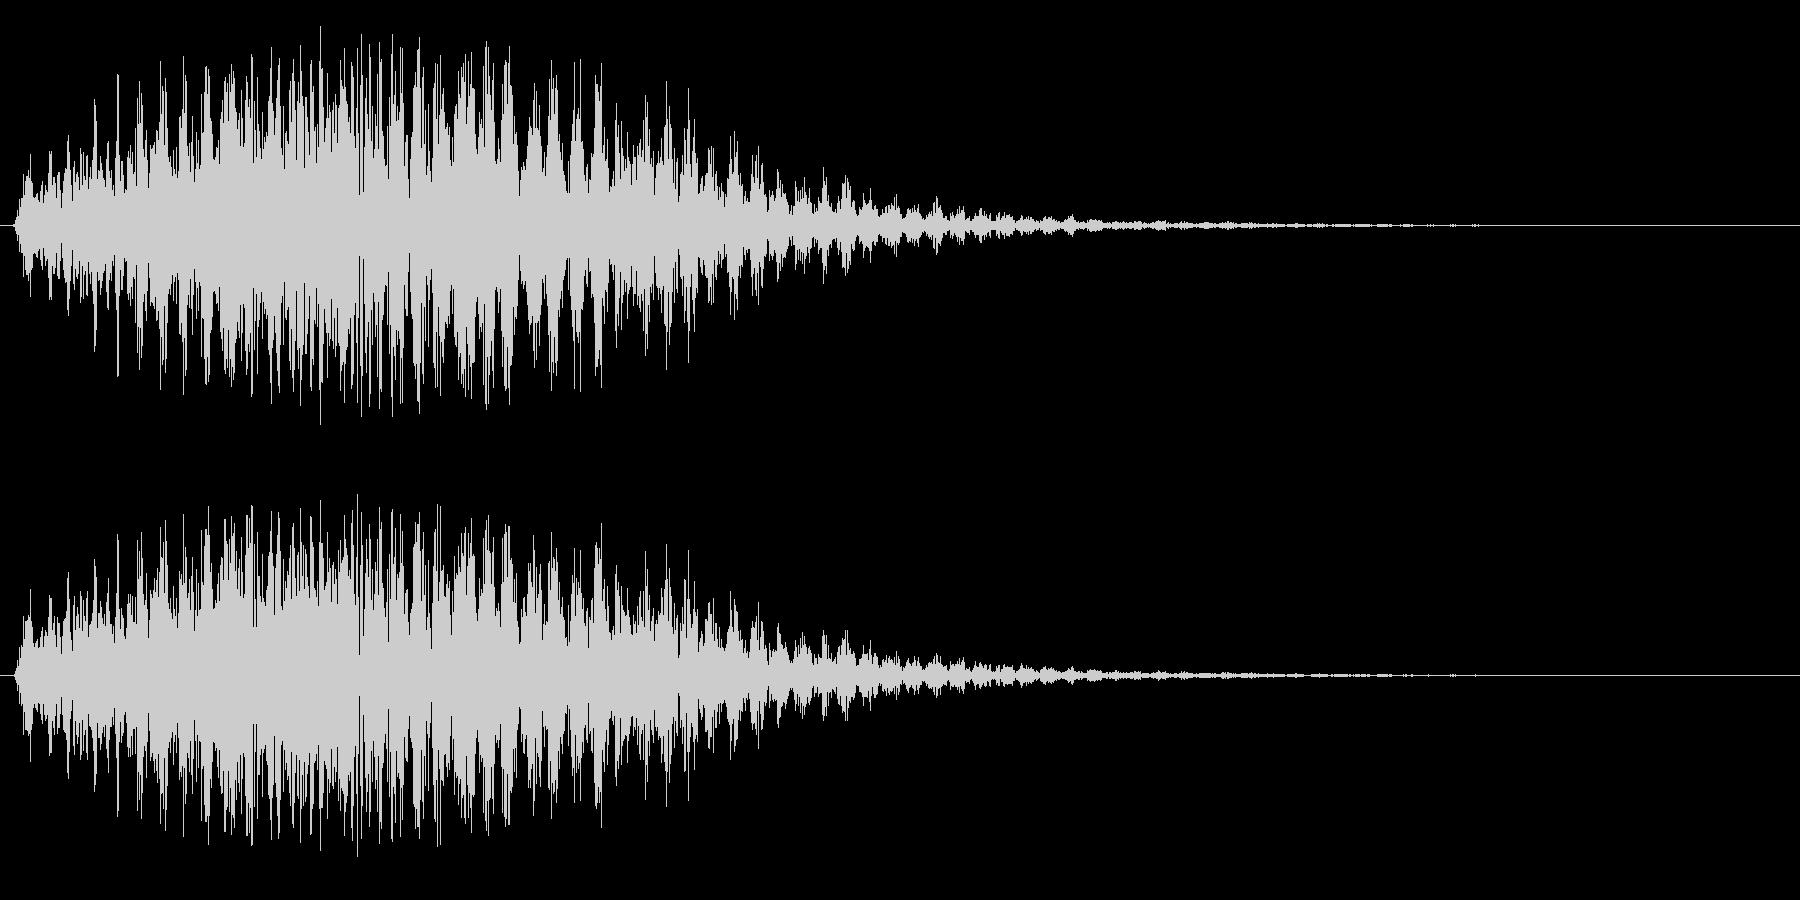 プルルルル(低速のファンタジー飛行音)の未再生の波形